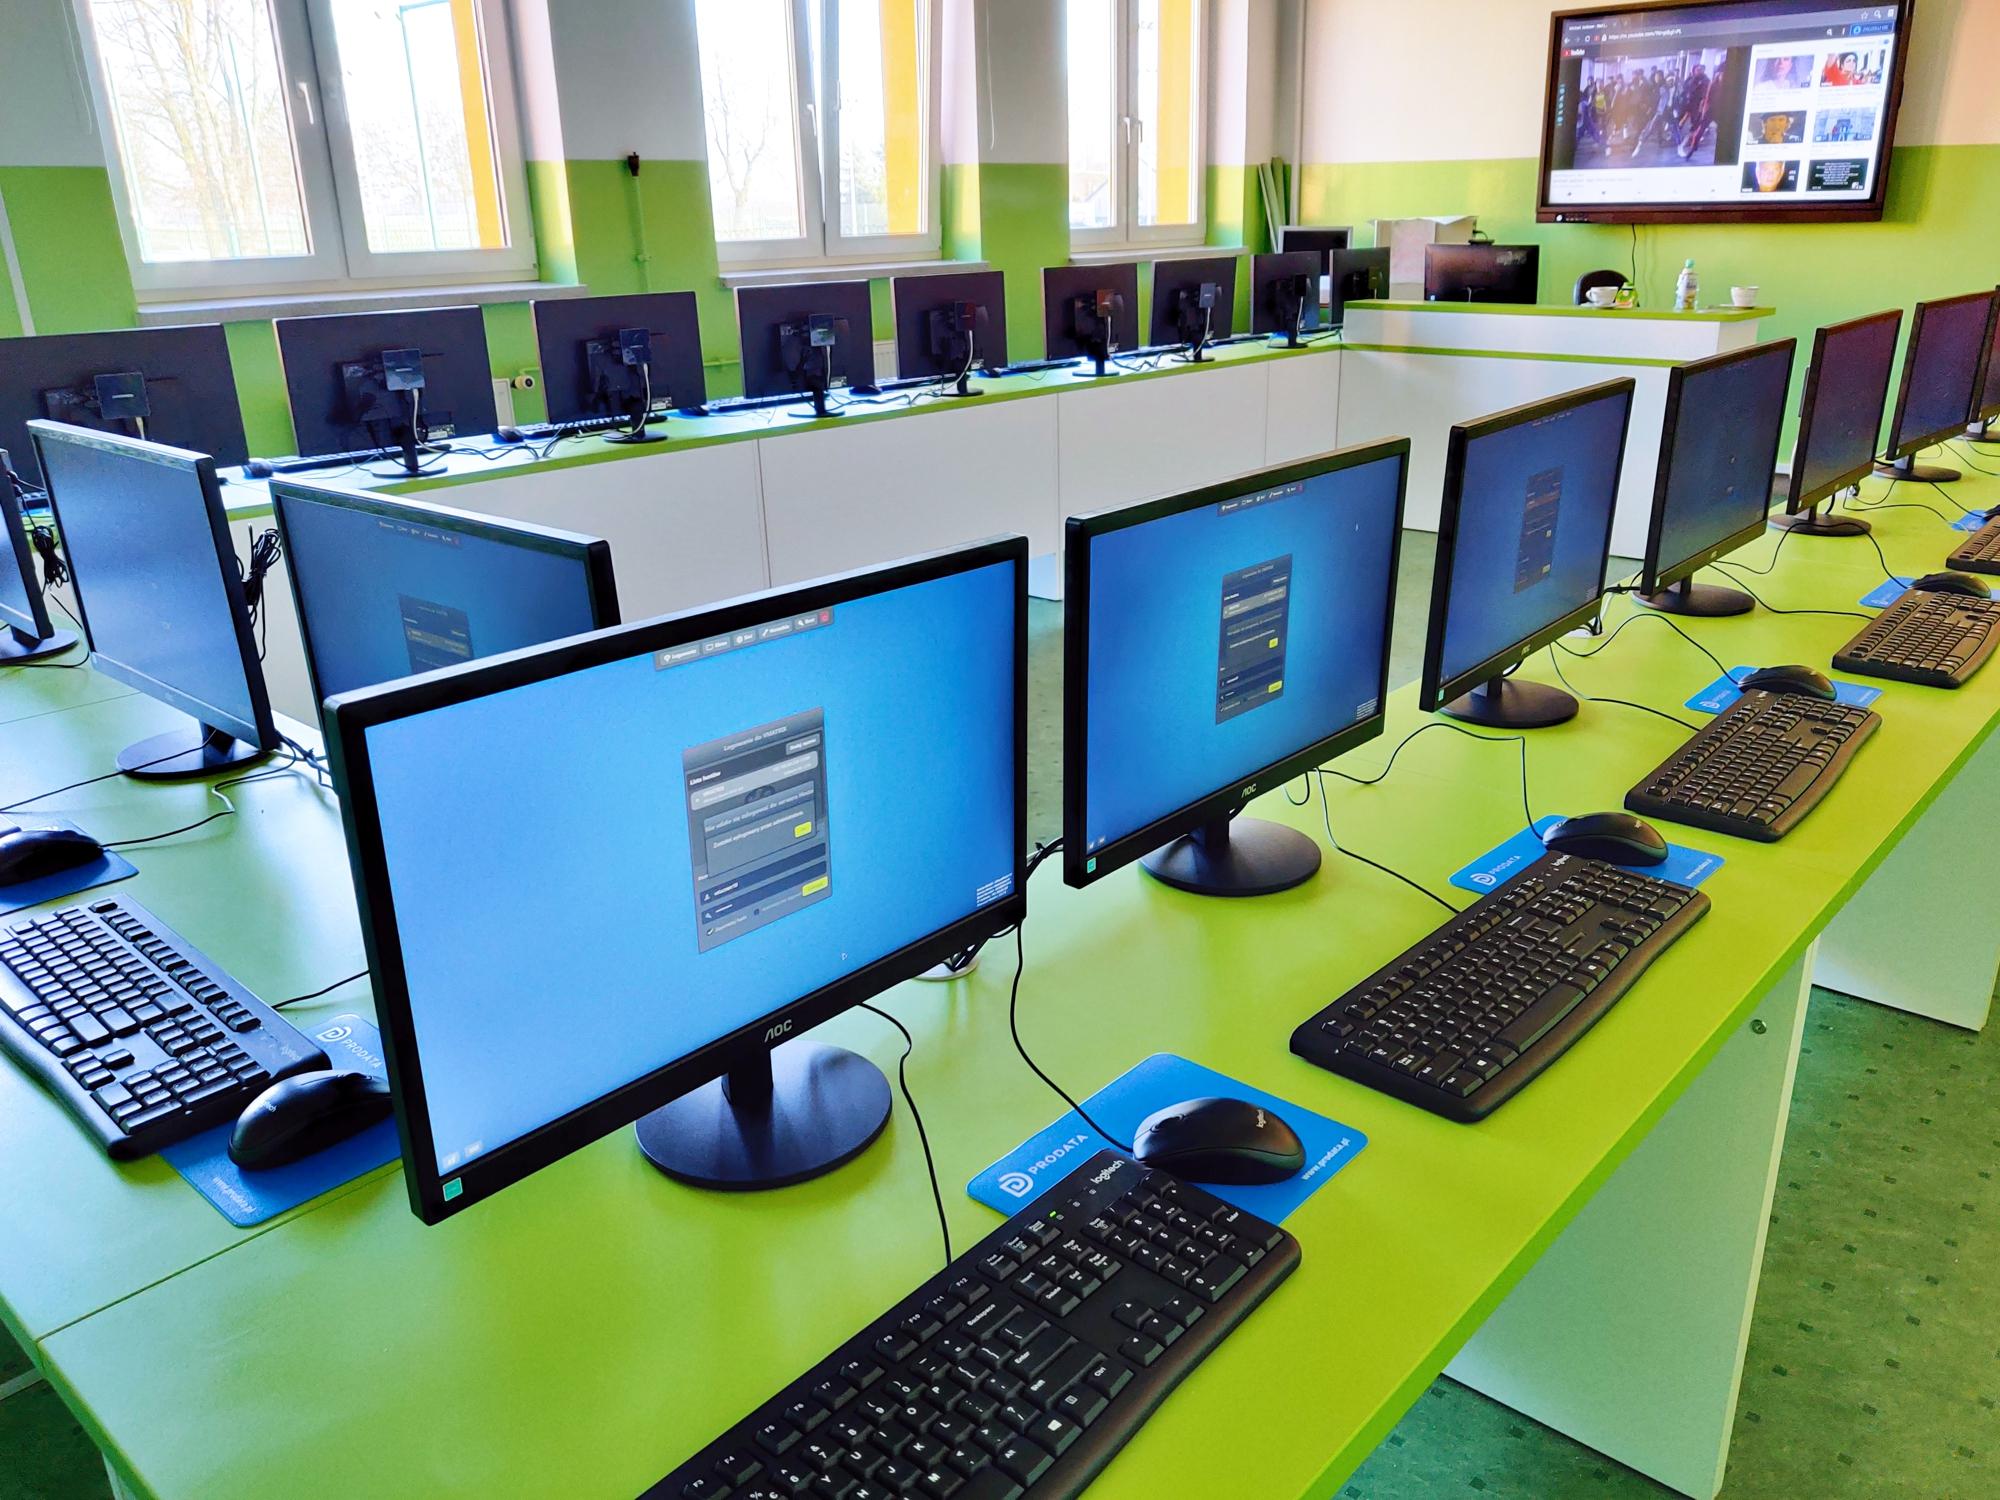 Pracownia terminalowe w Szkole Podstawowej w Naruszewie - terminale vCloudPoint